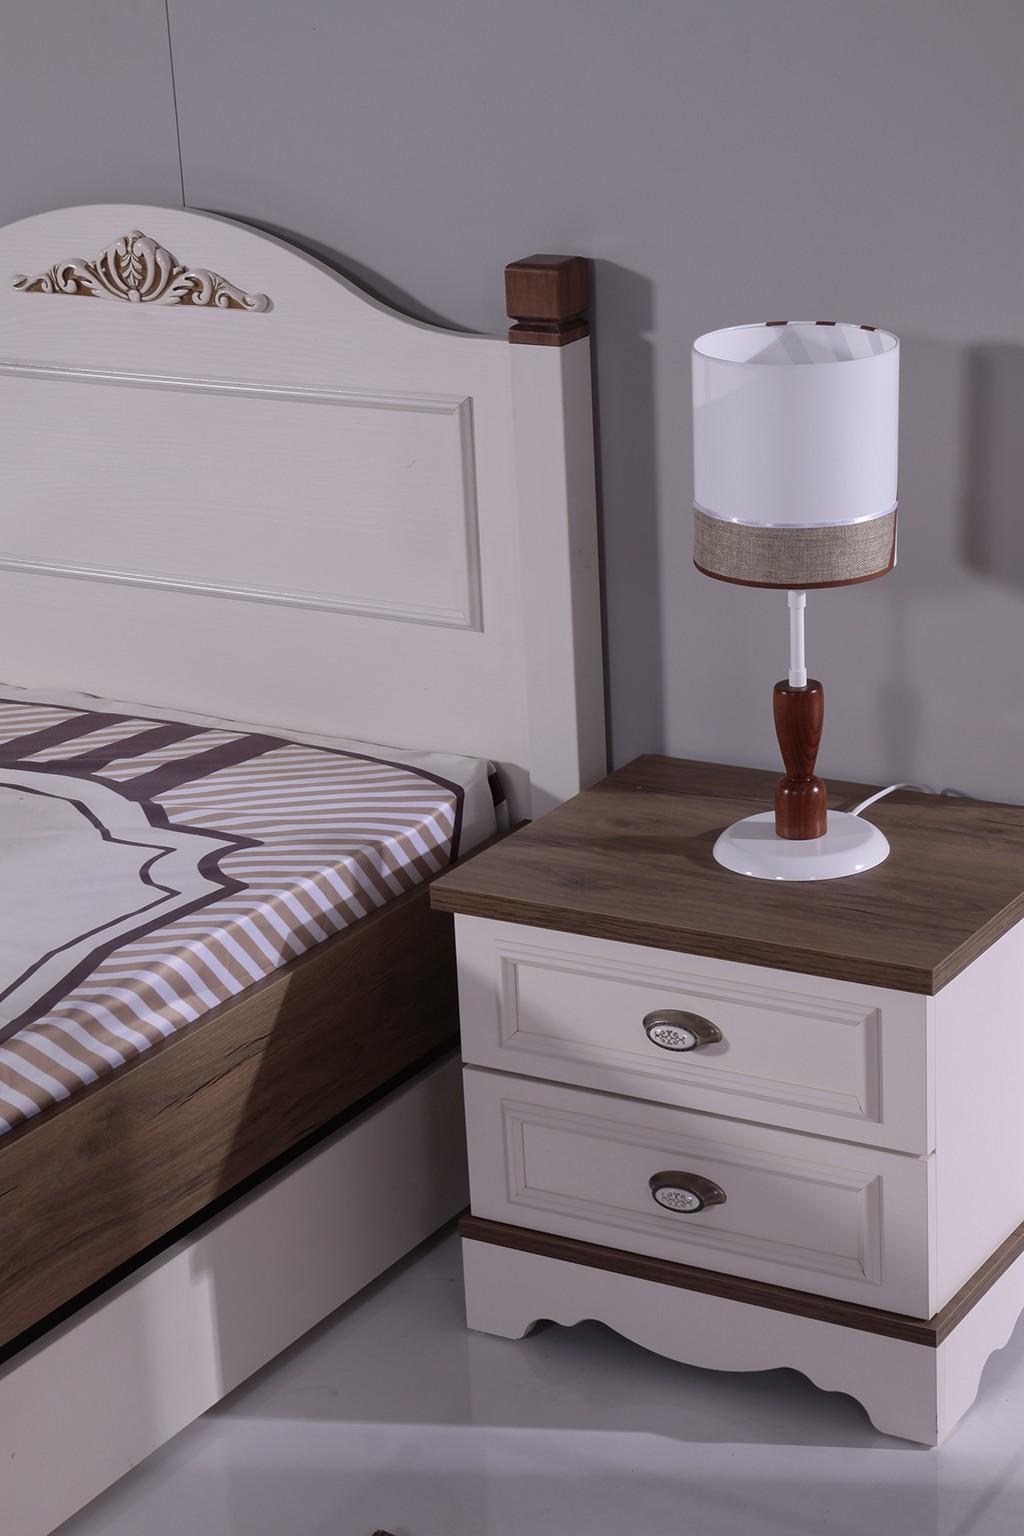 joly nachtkastje voor de kinderkamer meidenkamer